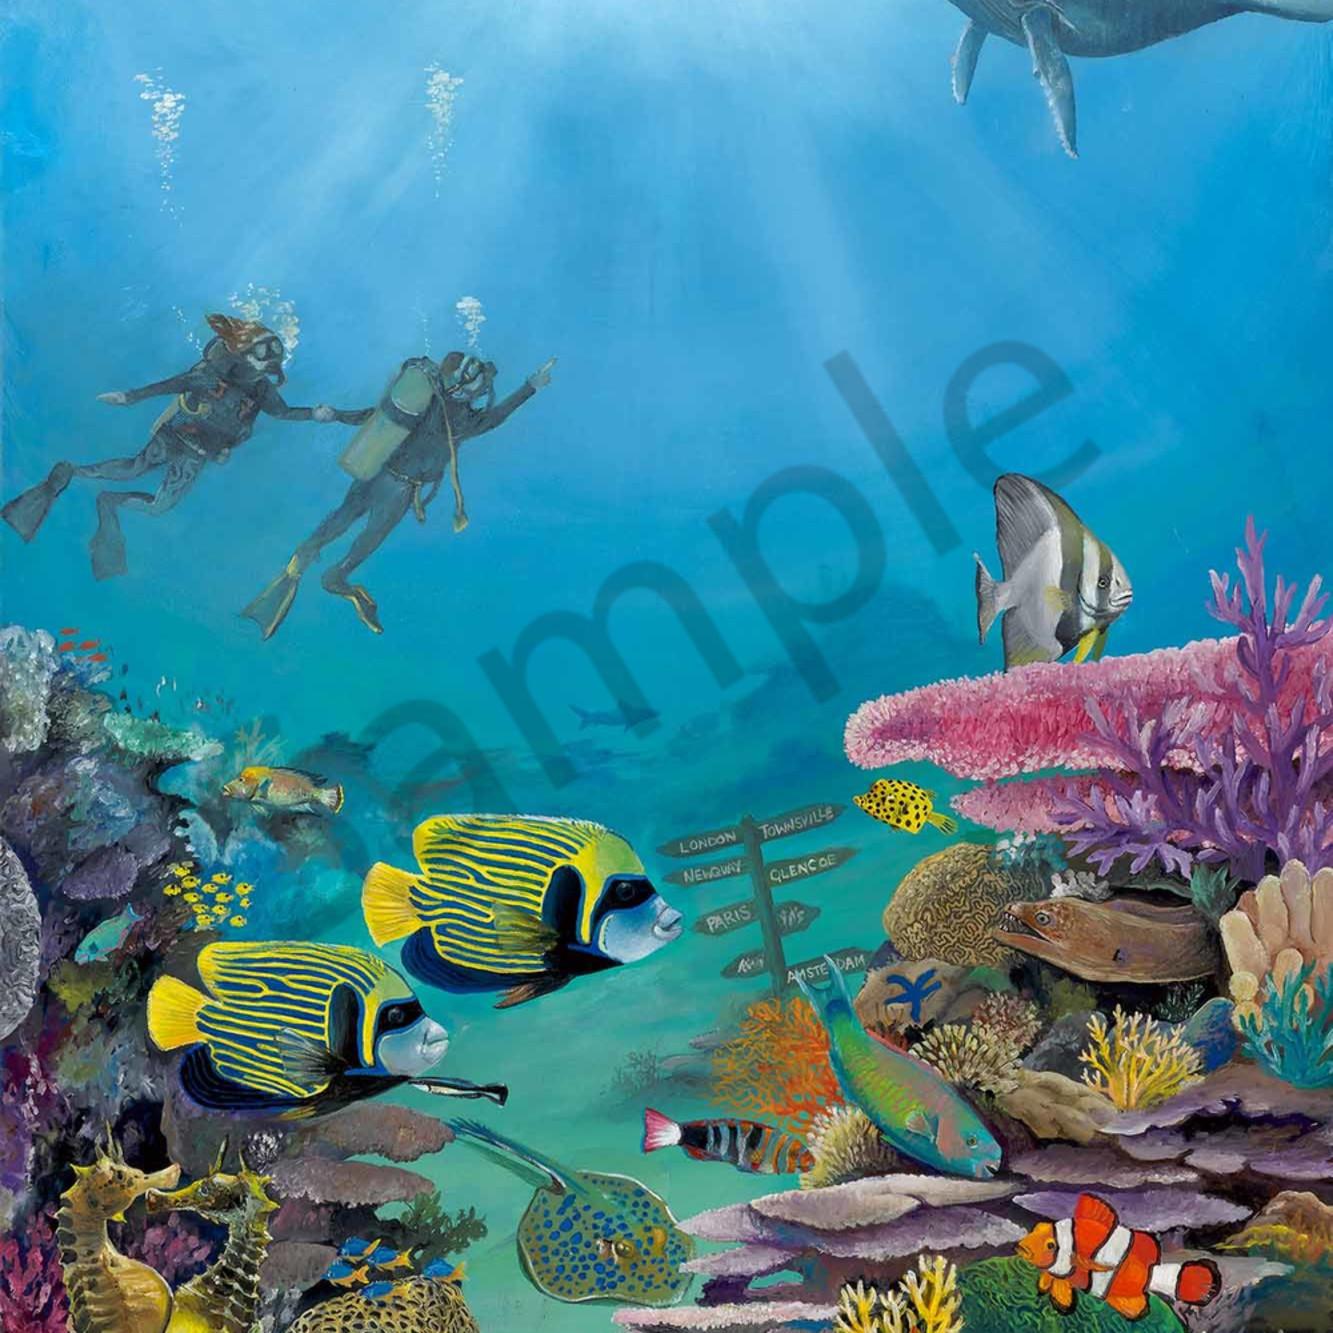 Skye tranter 012 diving in 2000px lzmjby